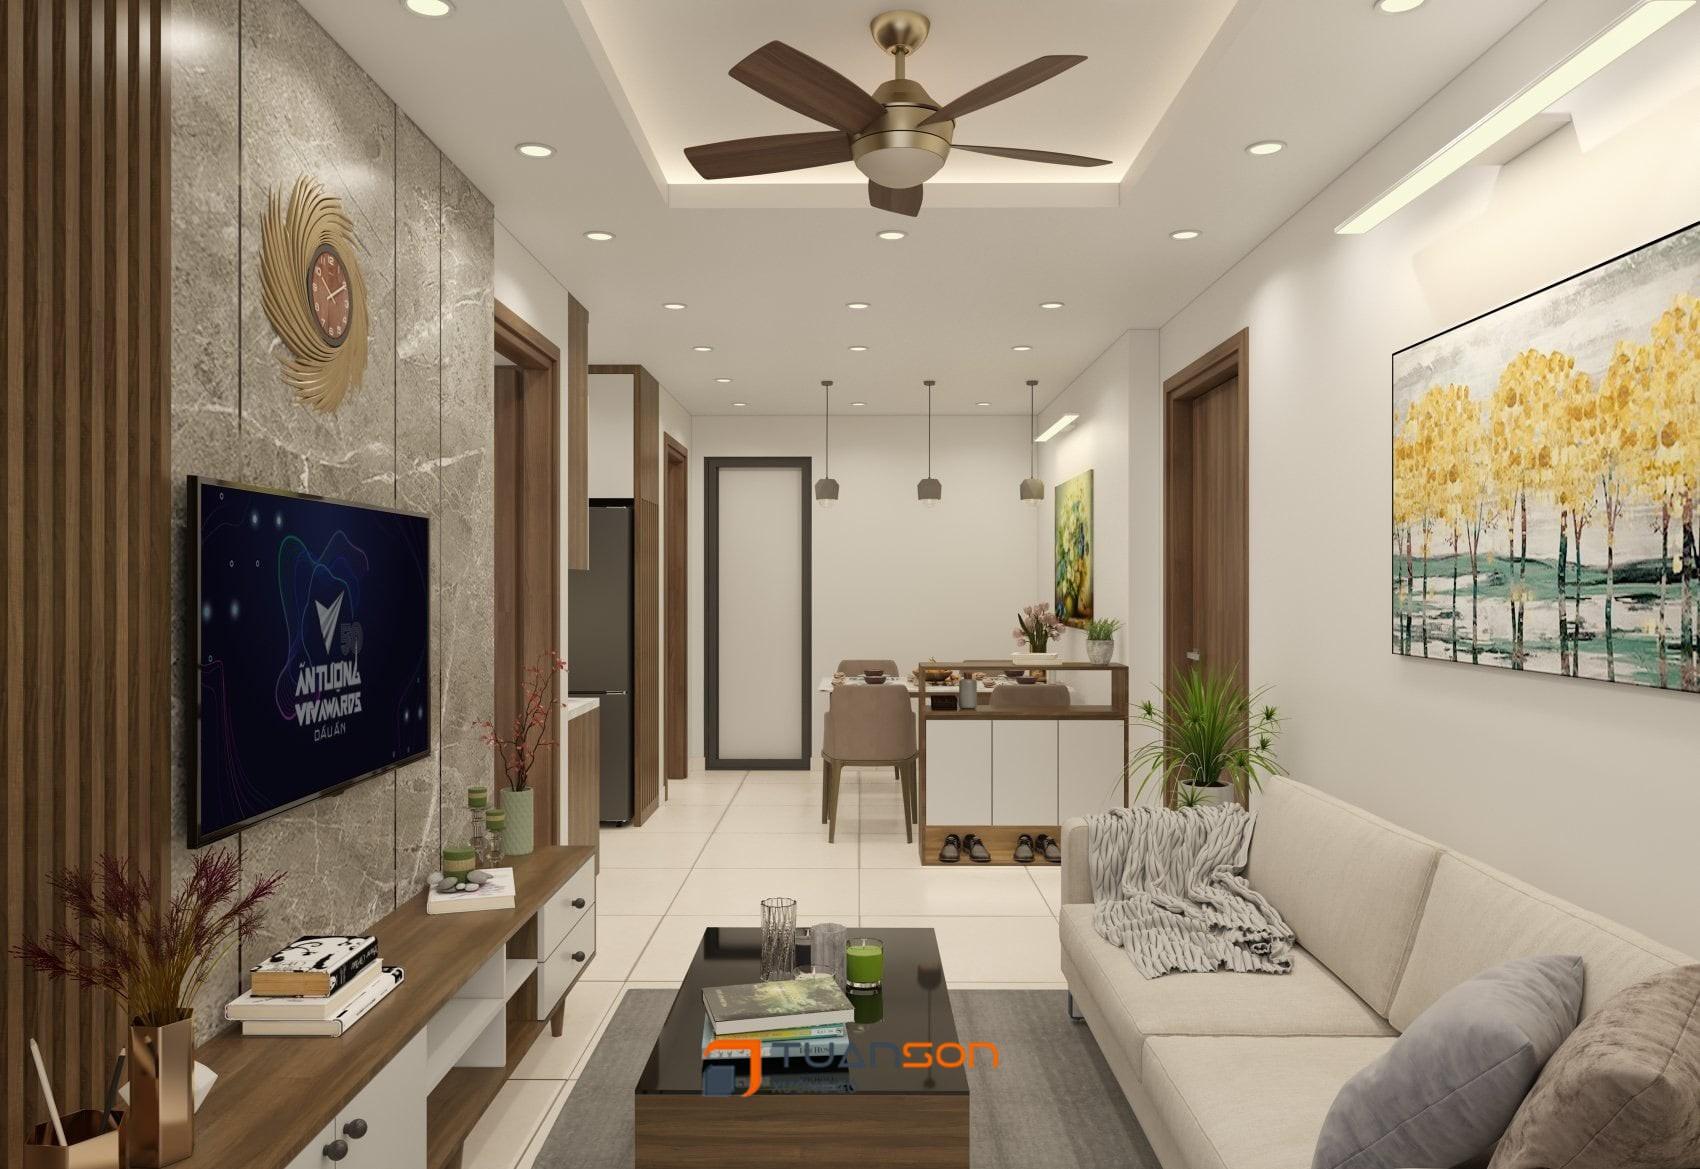 Thiết kế nội thất căn hộ 2 phòng ngủ (54m2) IEC Thanh Trì